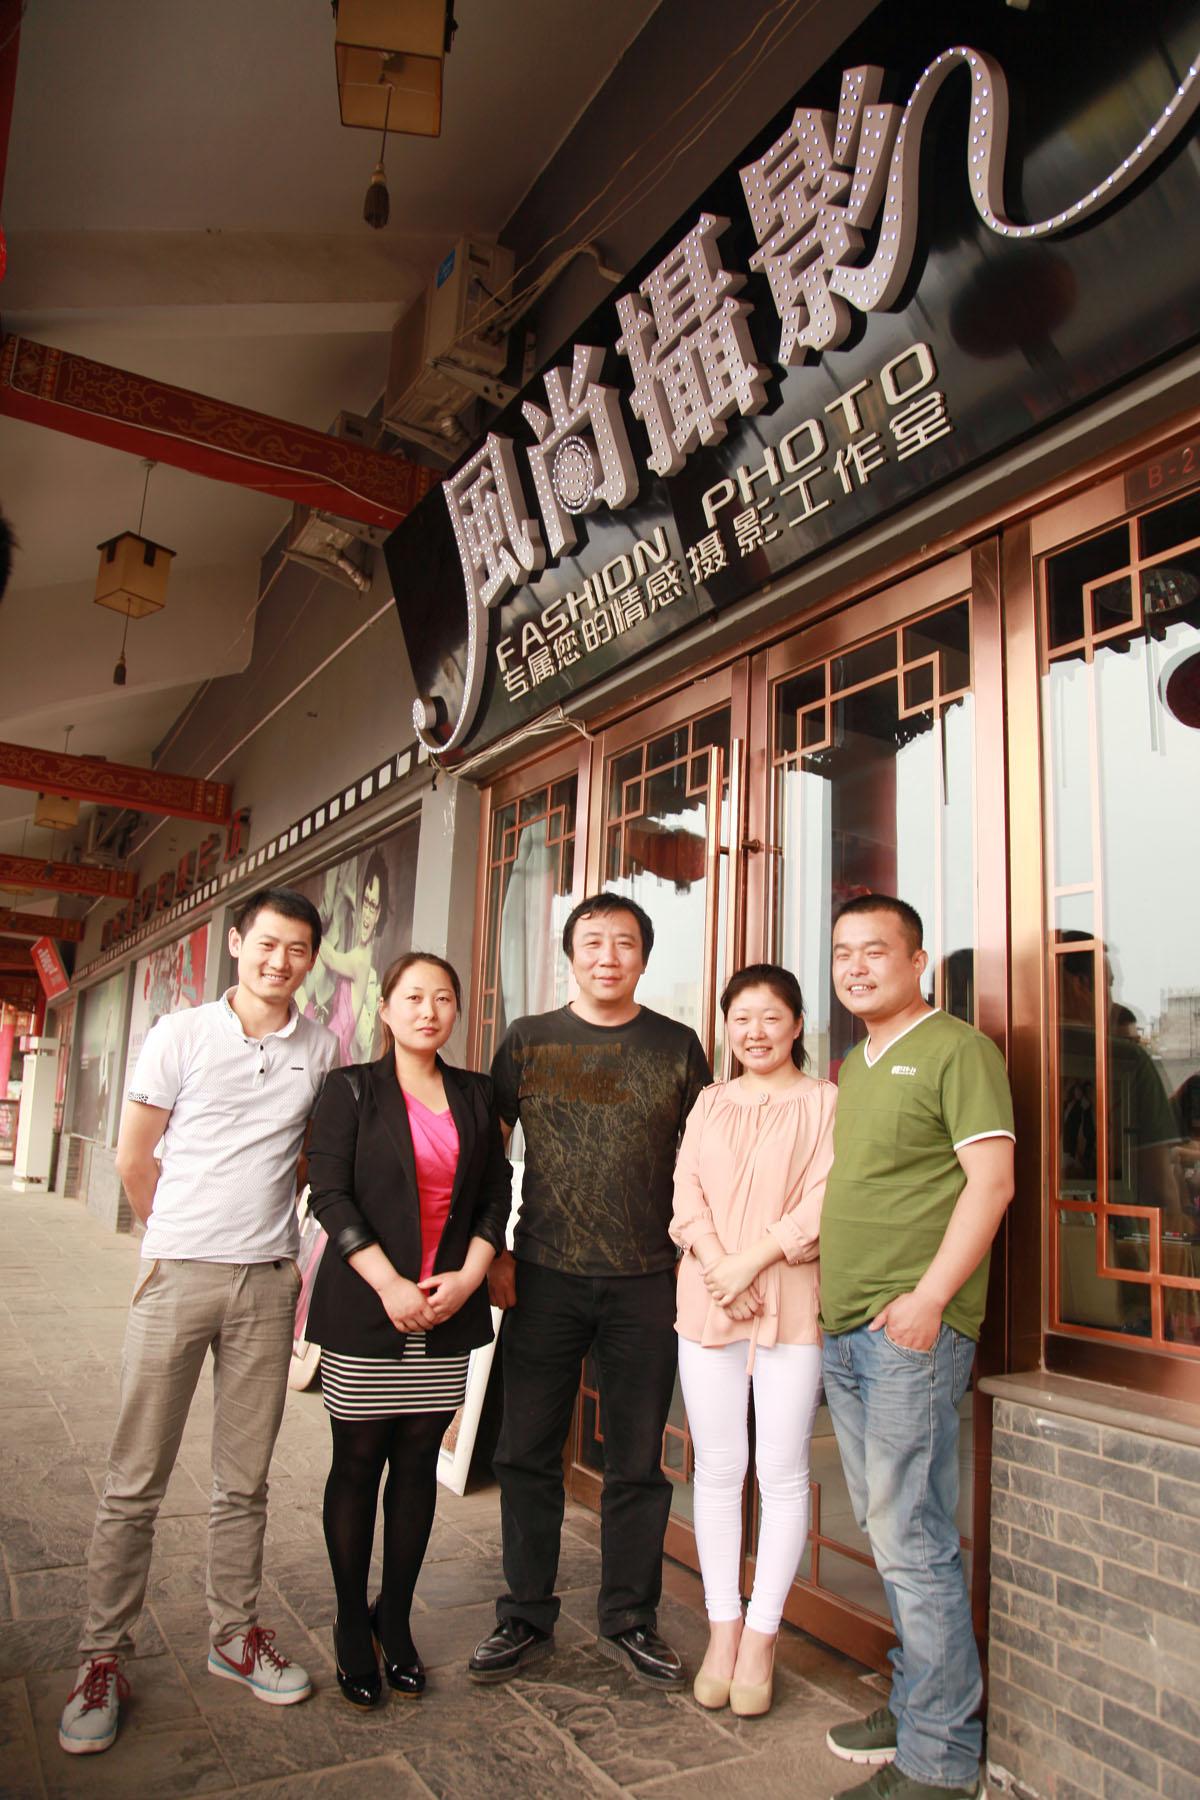 中国摄影大师张华斌老师来我市指导授教